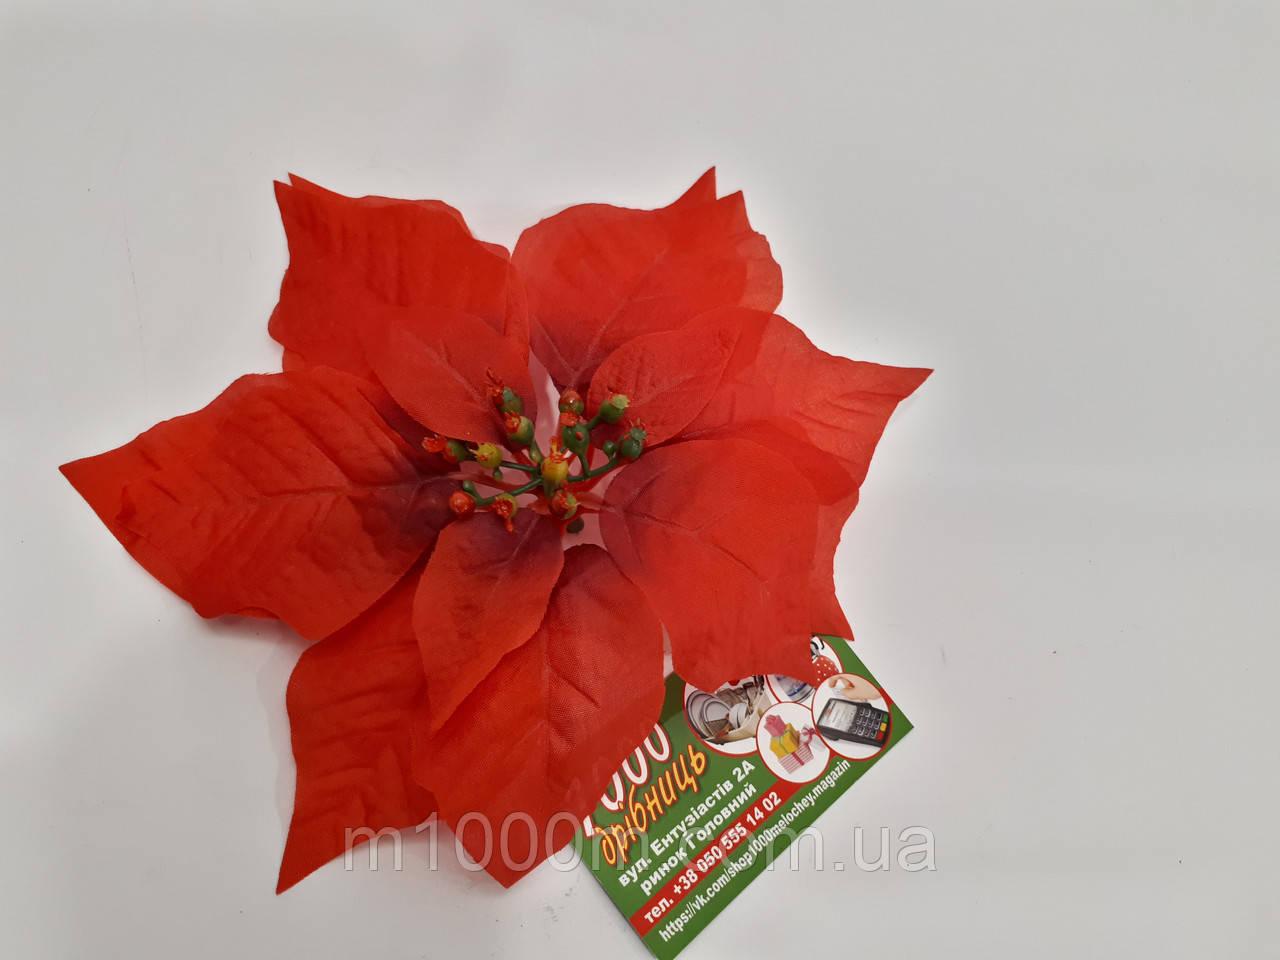 Рождественник (Пуансетия) 1232Р красная с темной серединкой